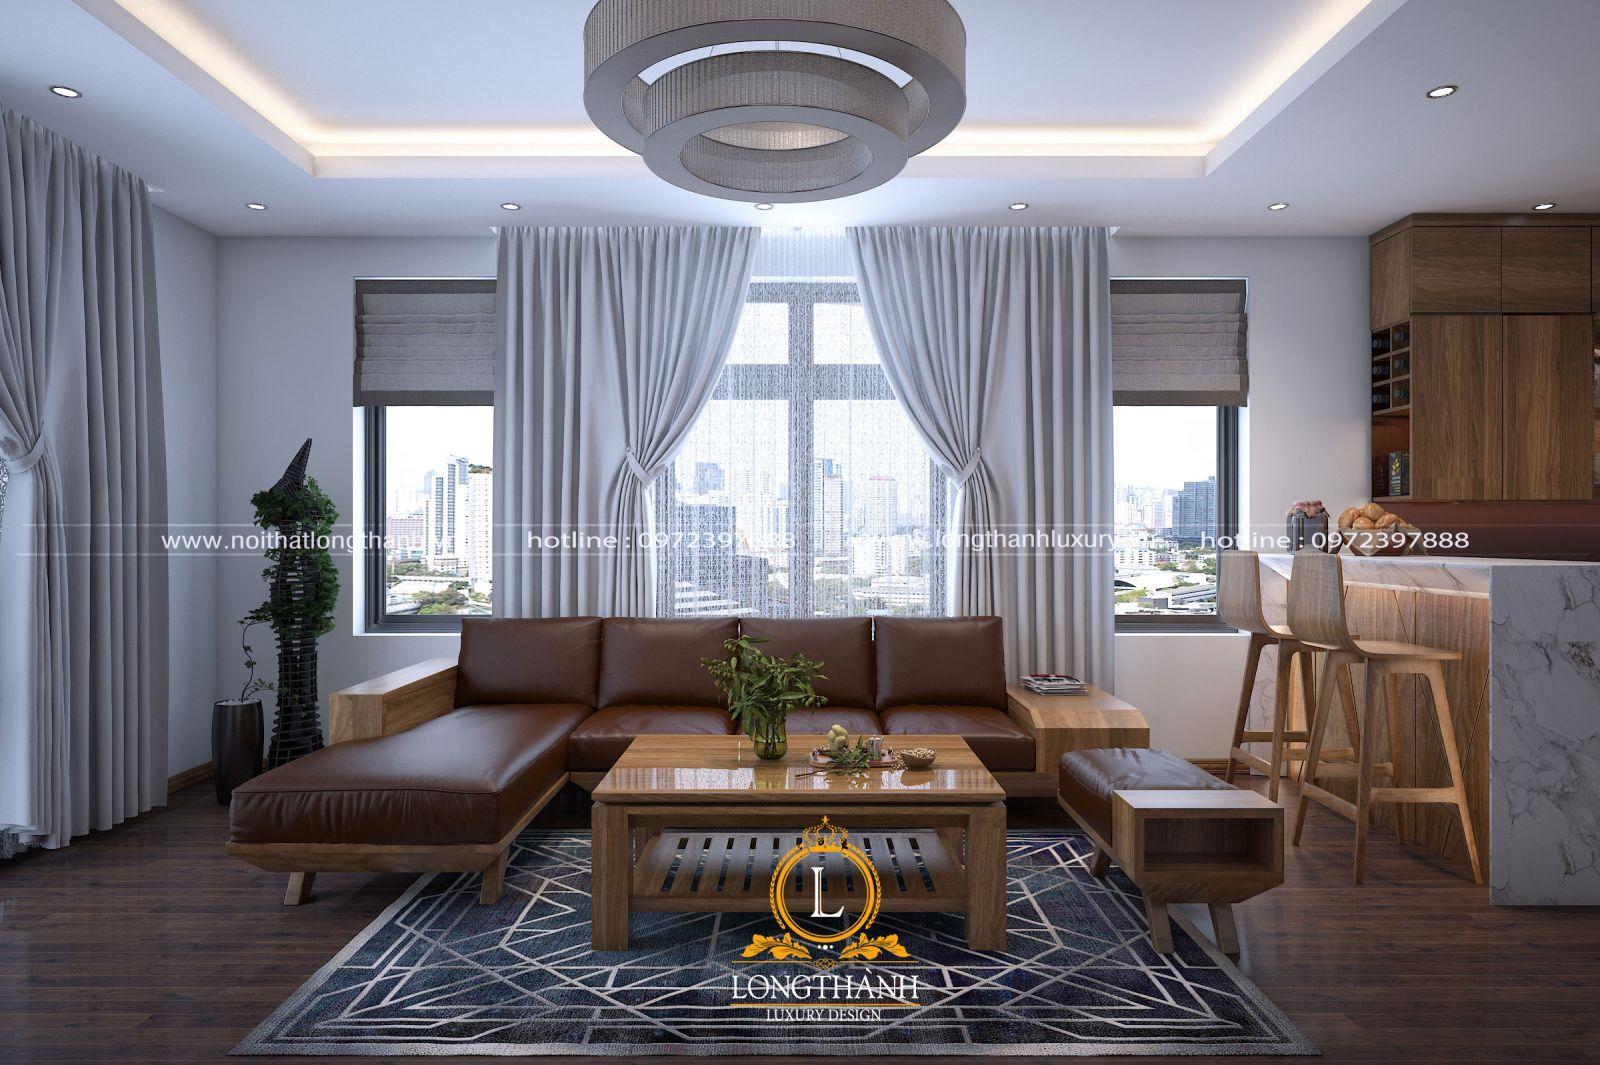 Bộ sofa chữ L theo phong cách tân cổ điển hiện đại